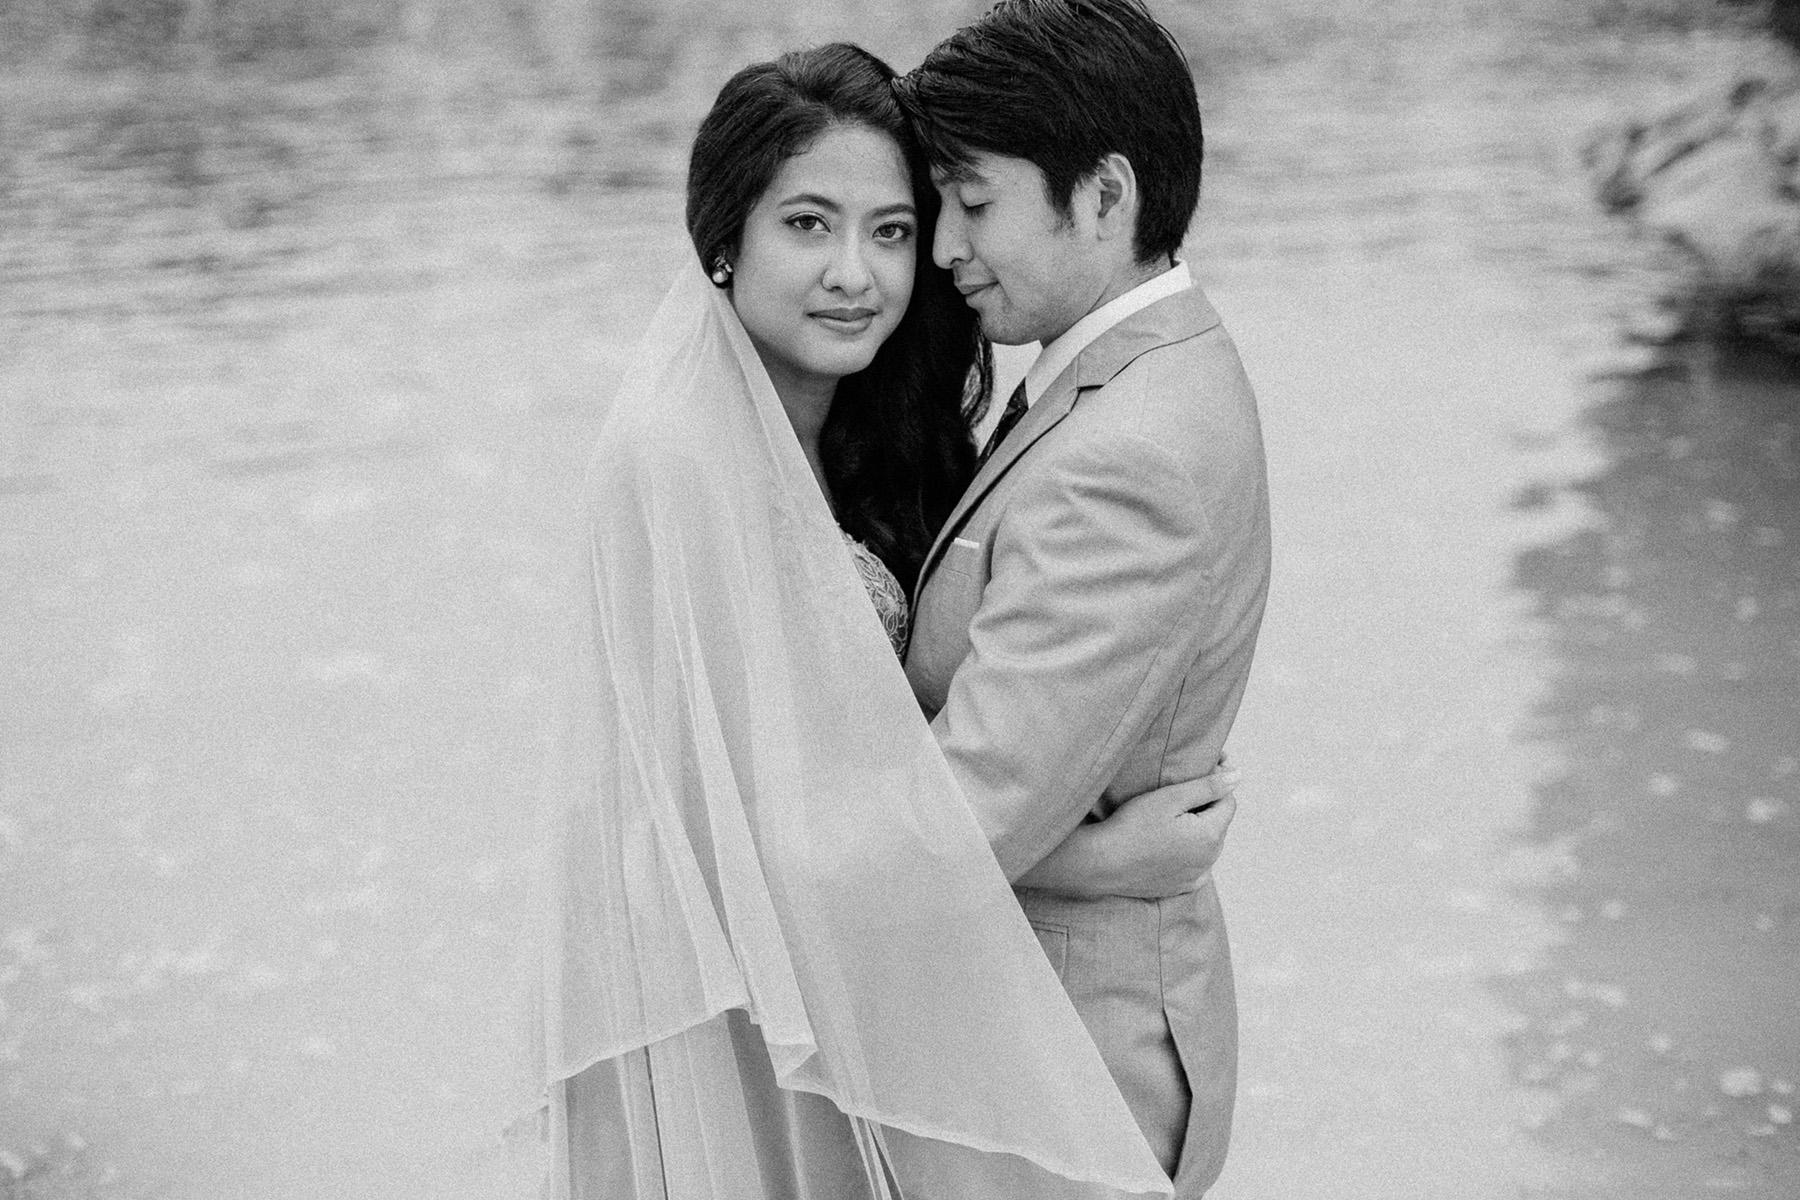 singapore-wedding-photographer-wemadethese-bw-023.jpg